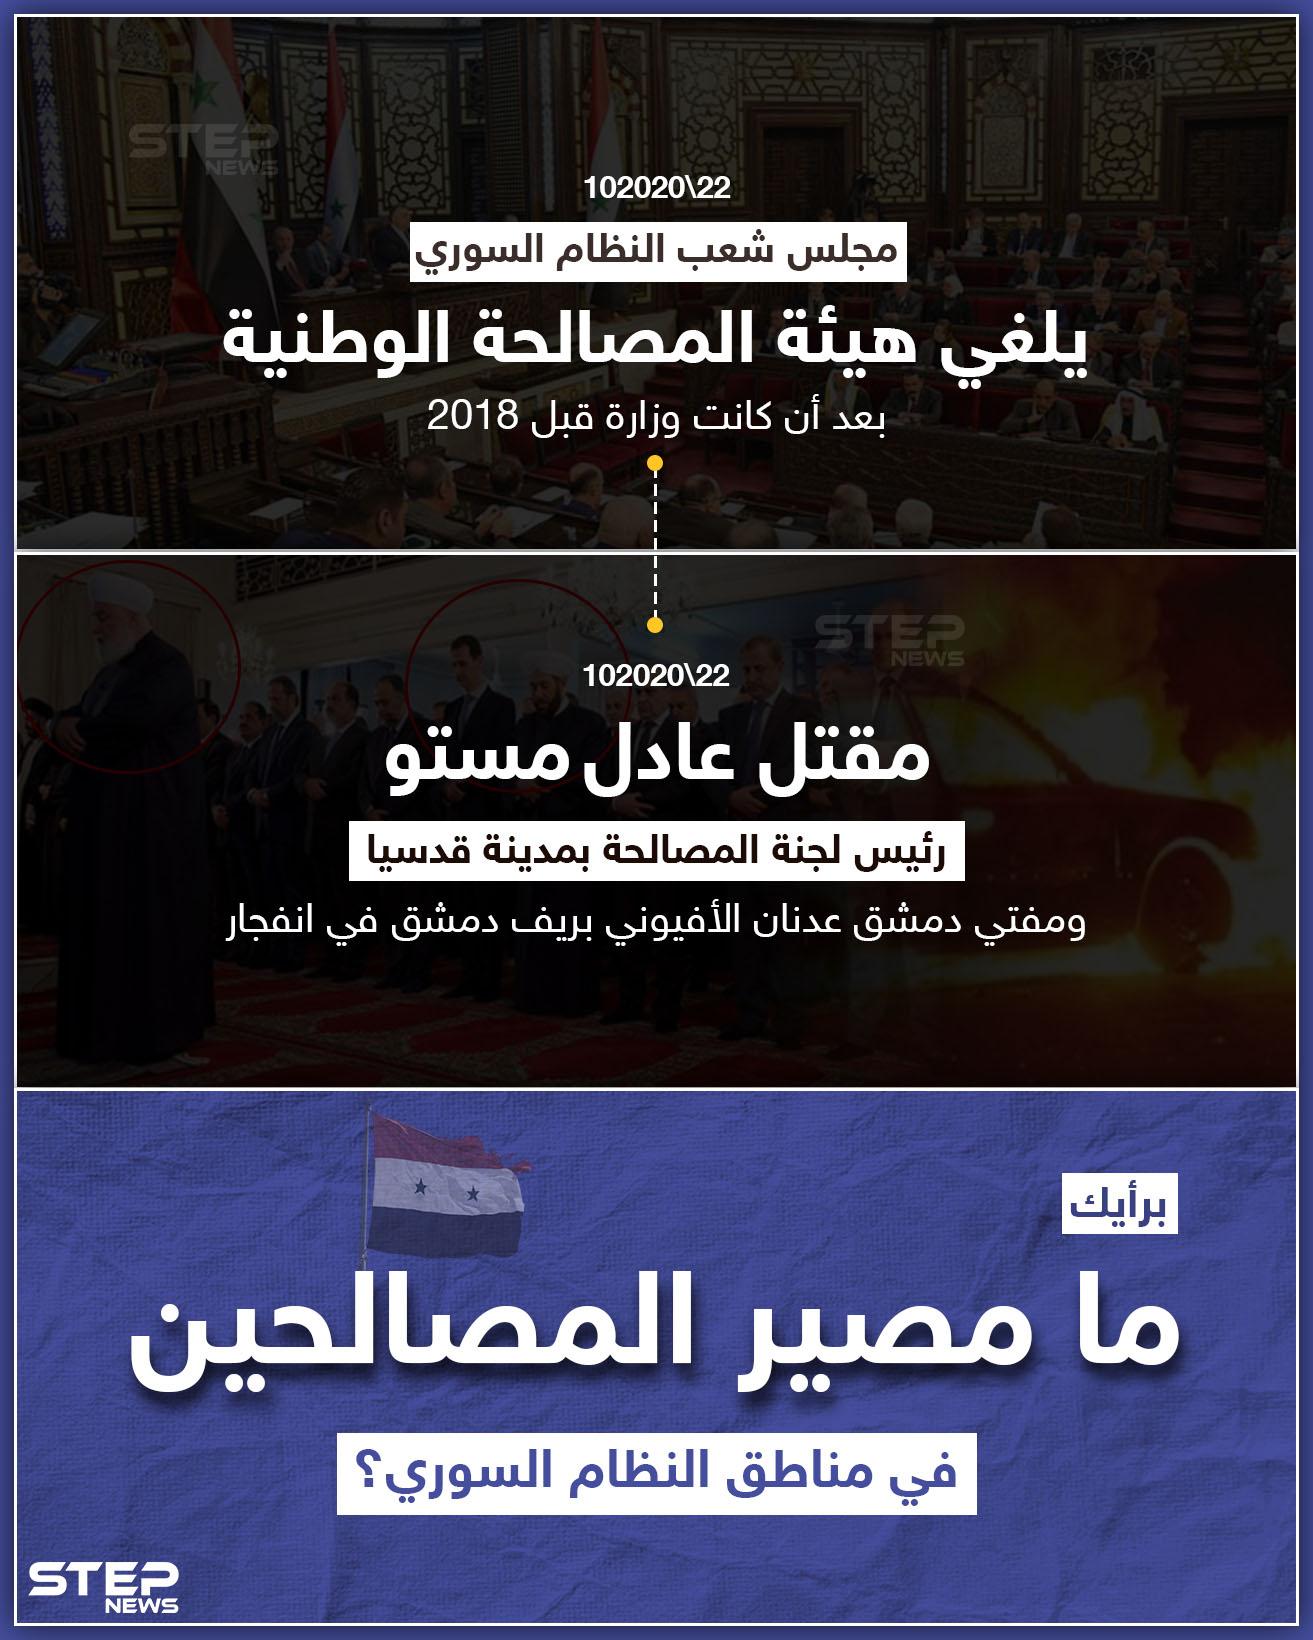 بمرسوم من بشار الأسد تحولت لهيئة والغيت اليوم بشكل نهائي فكيف سيكون شكل المرحلة القادمة للمصالحات؟